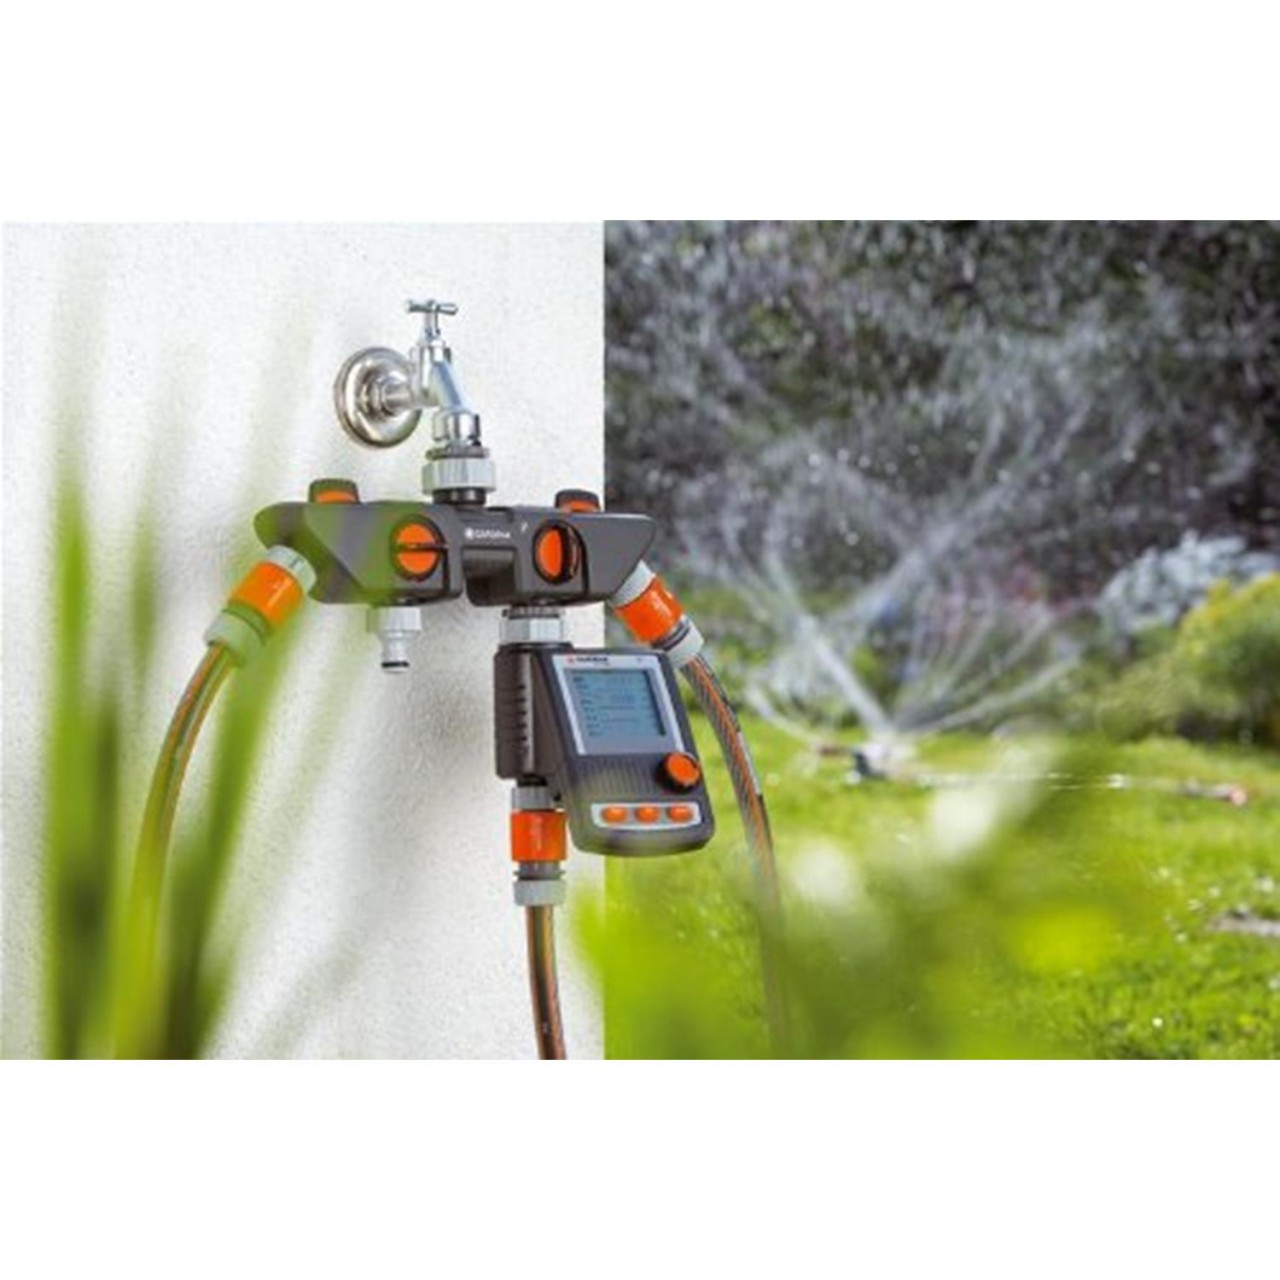 Gardena 4-Wege-Verteiler 8194-20 4 Anschlüsse Wasserhahn Verteiler Steckkupplung